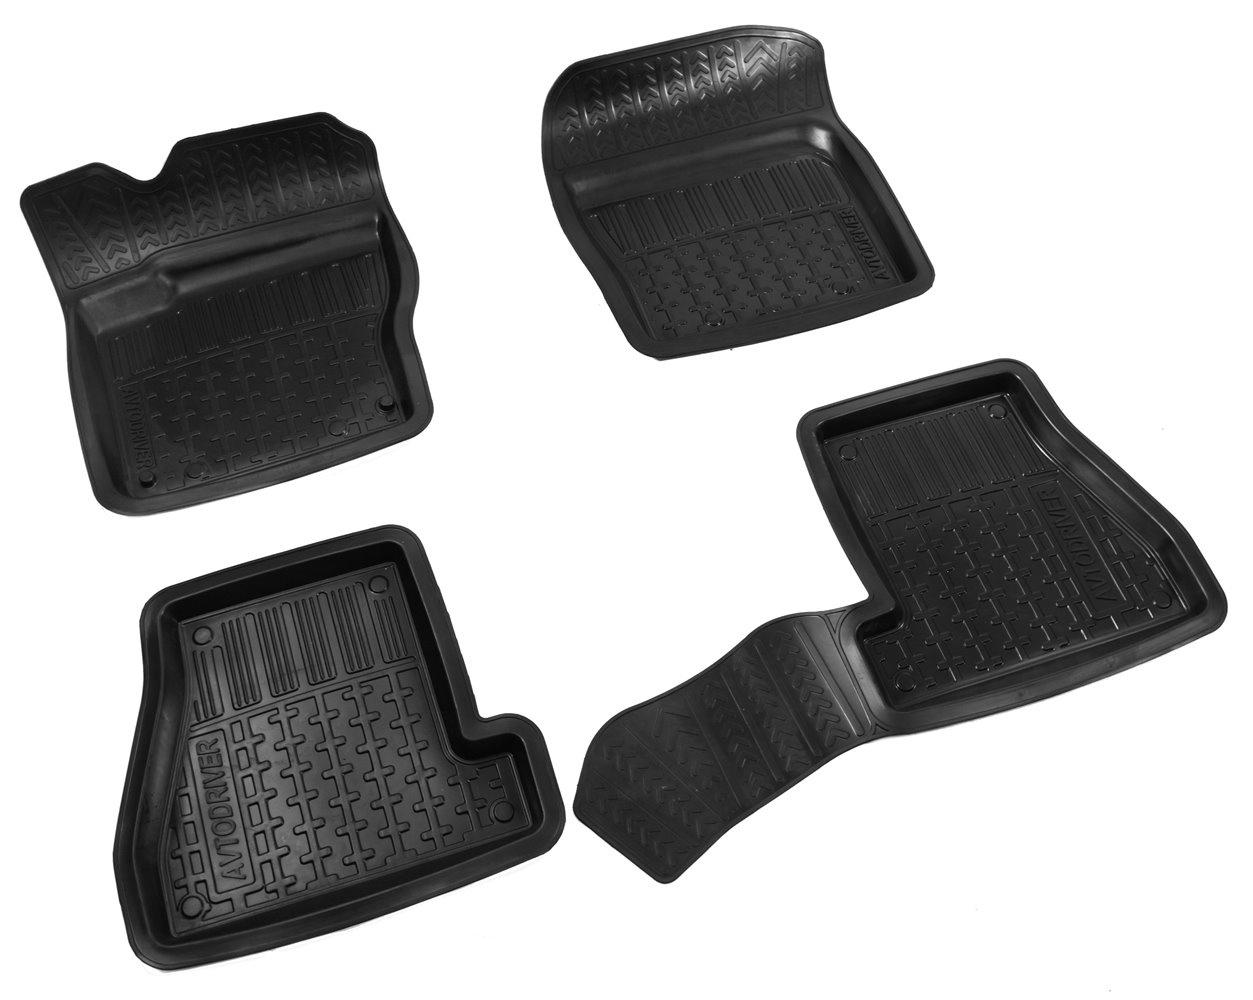 цена на Коврики в салон автомобиля Avtodriver, для Ford Focus III, 2011-, ADRPRO018, резиновые, с бортиком, черный